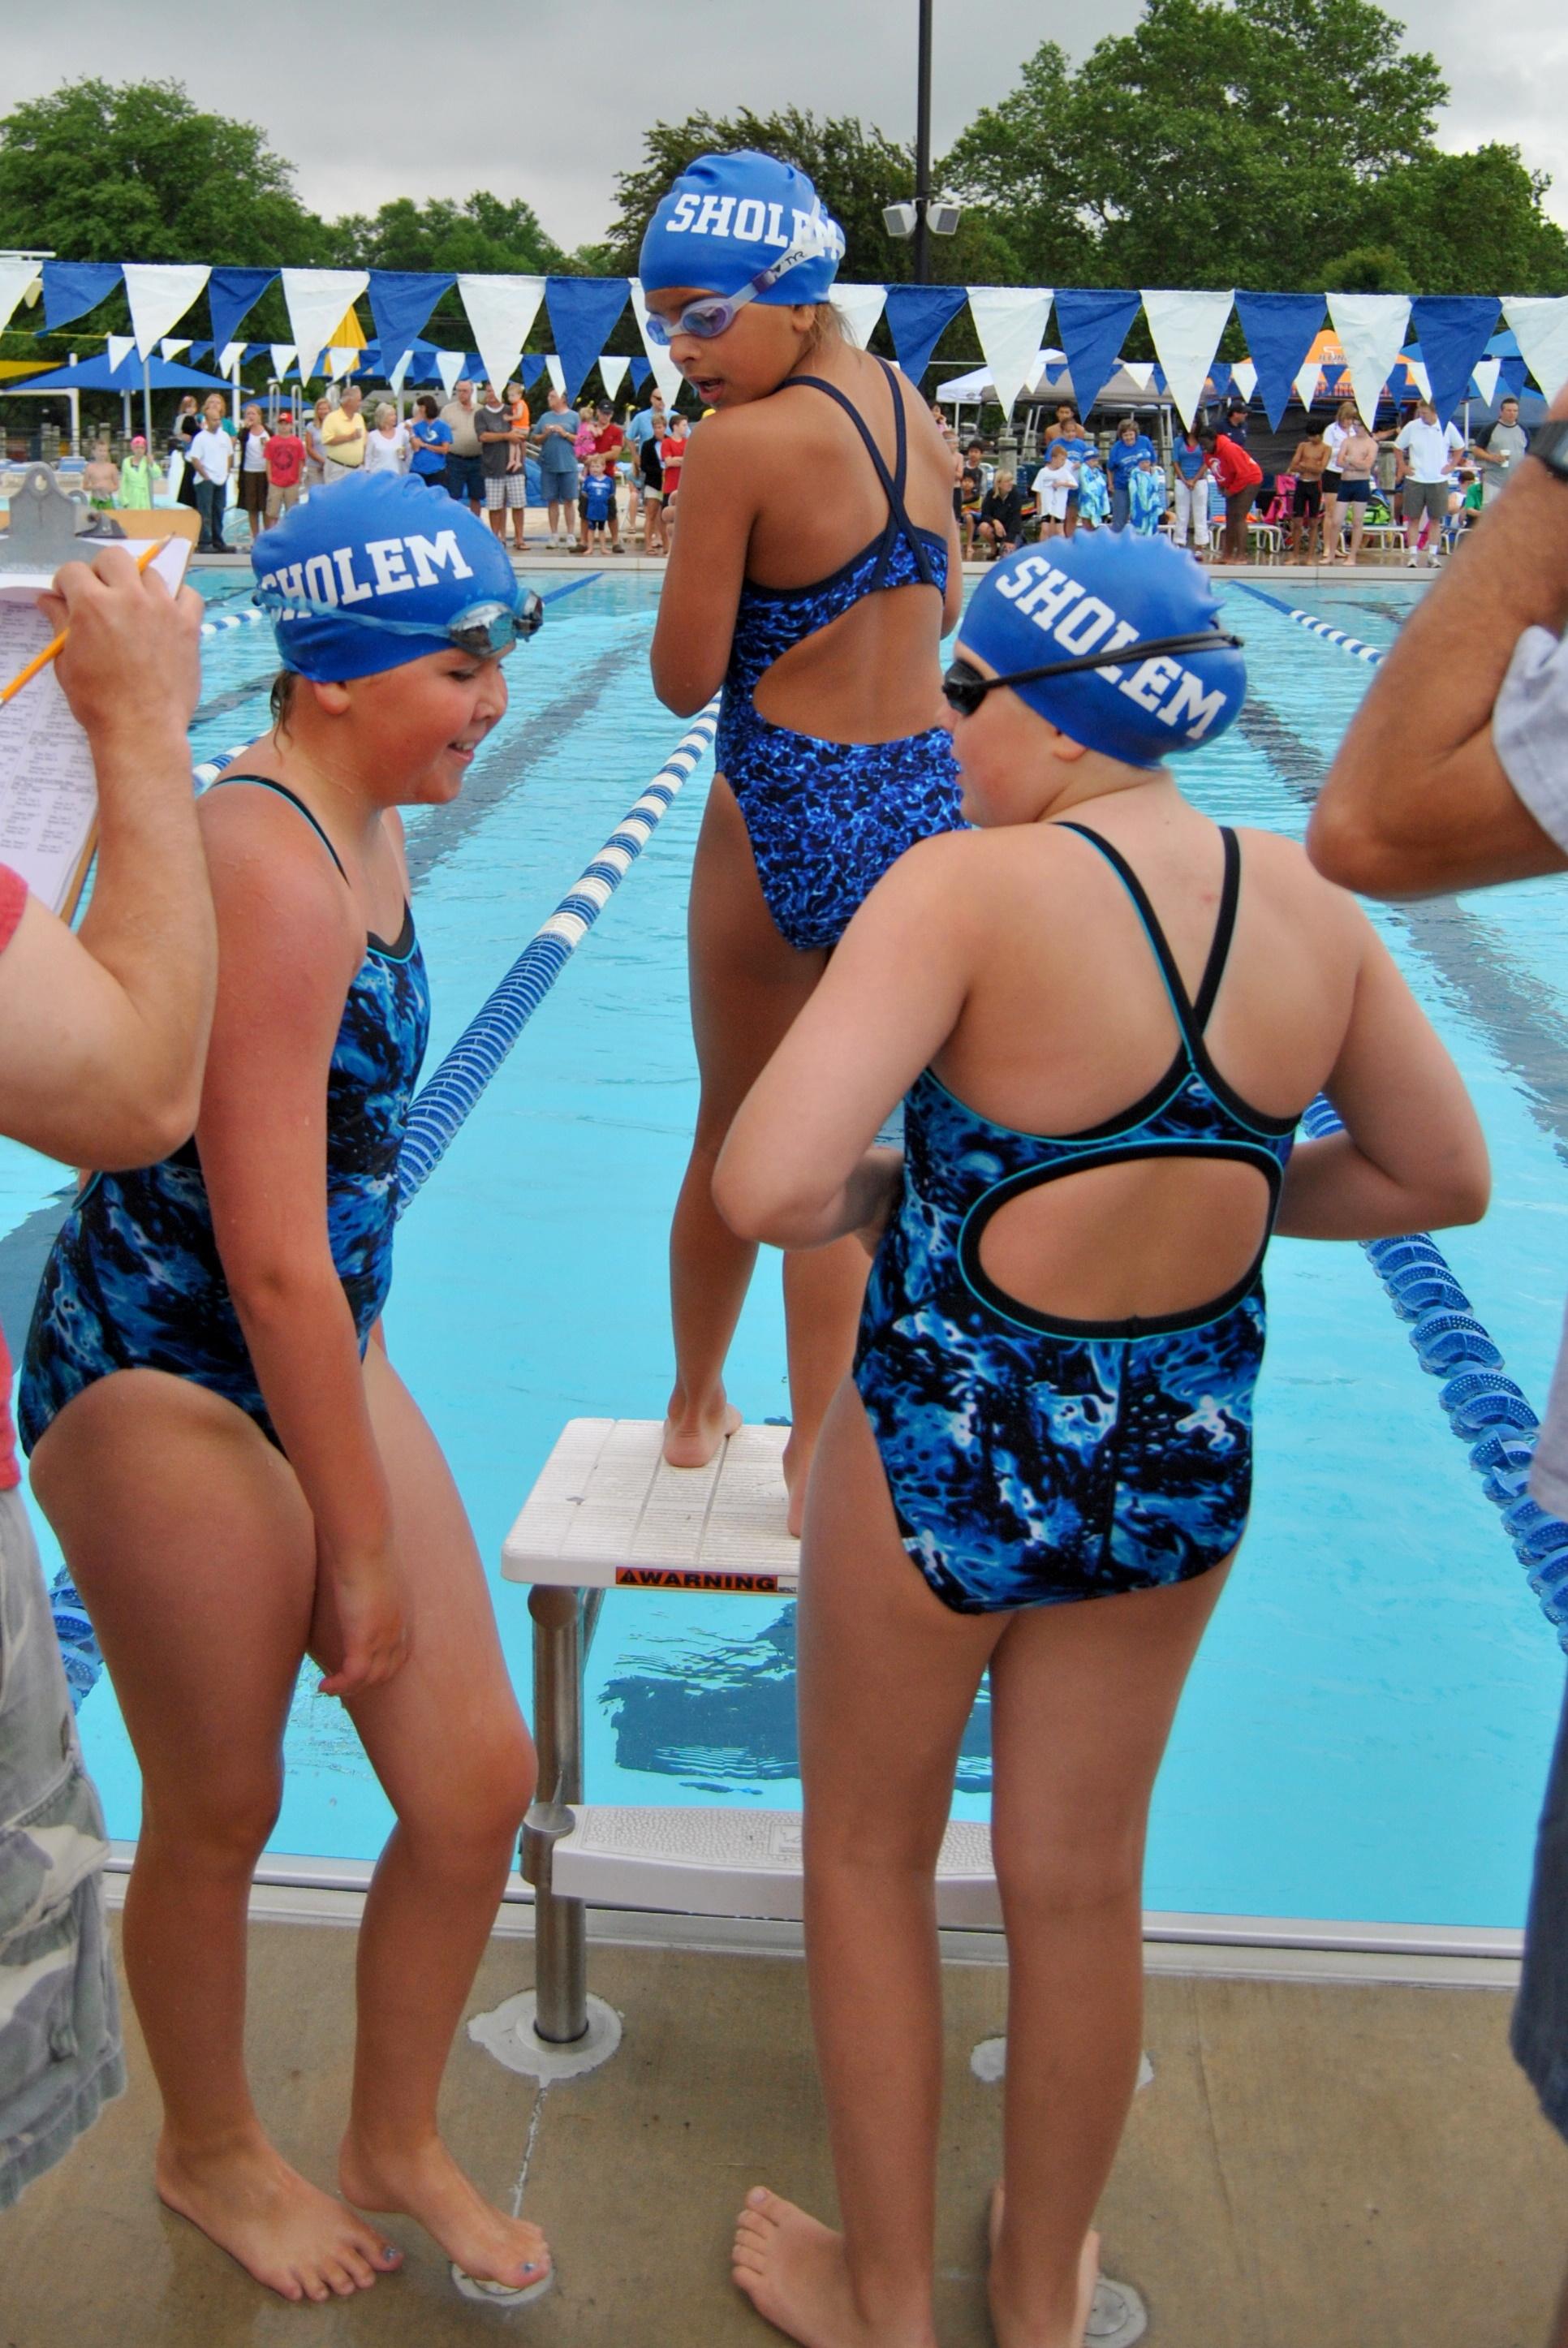 Bikini swim team — pic 10